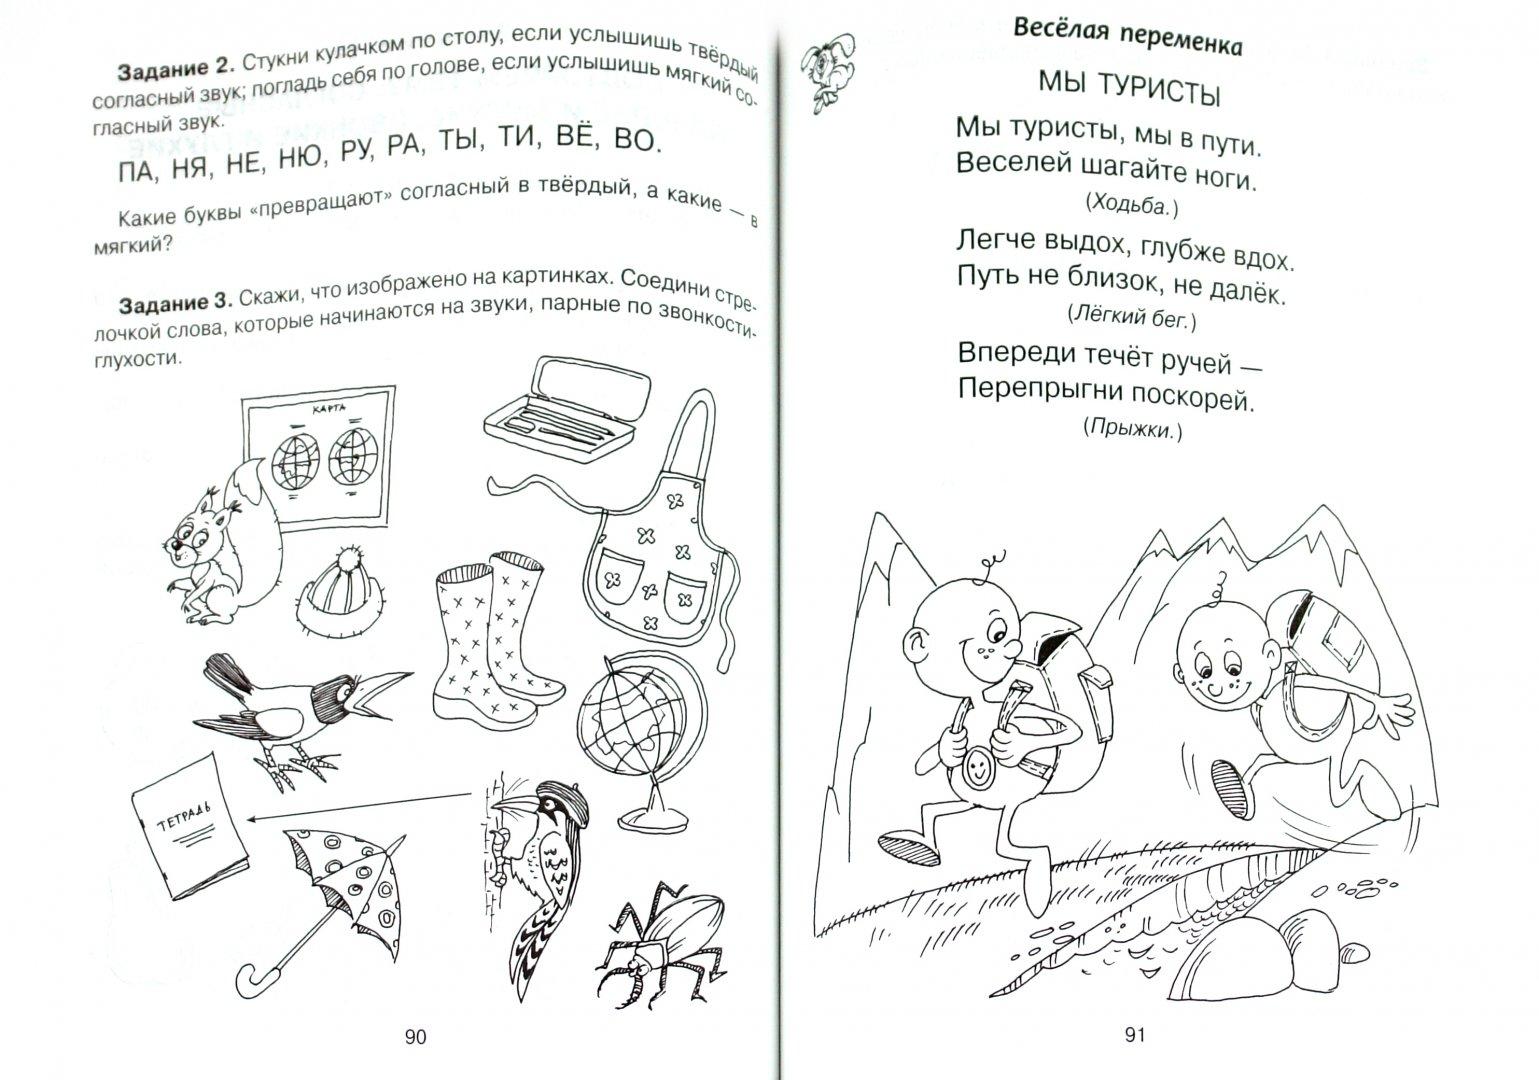 Иллюстрация 1 из 21 для Обучение грамоте - Ольга Чистякова | Лабиринт - книги. Источник: Лабиринт